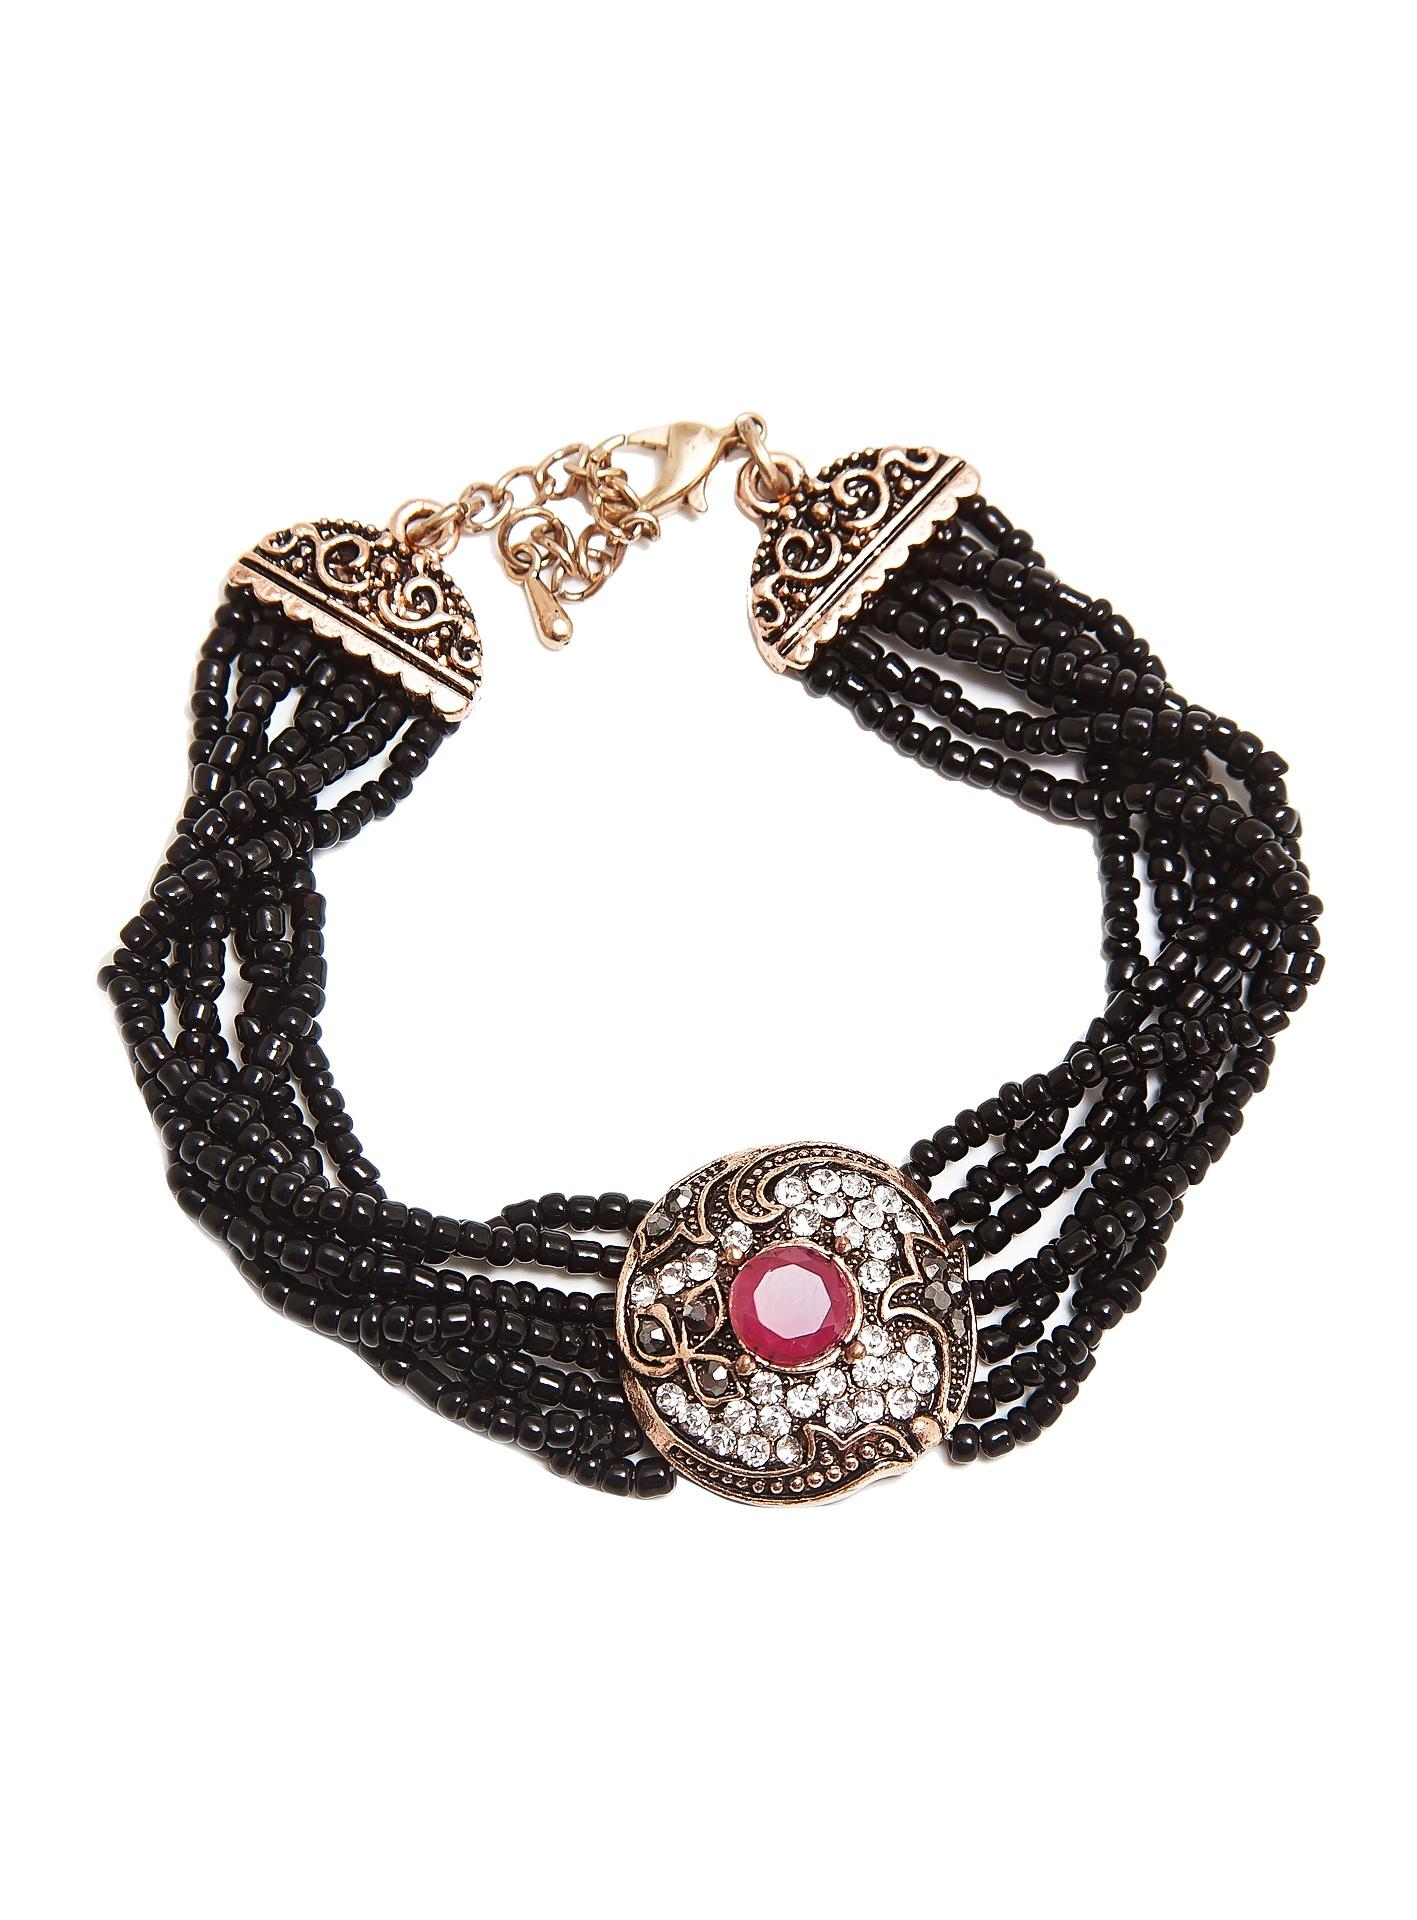 Браслет Kameo-bis, BR610019, черныйBR610019Длина 18,5 + 3 см, ширина 1,8 см. Состав: кристаллы, стразы, ювелирный сплав